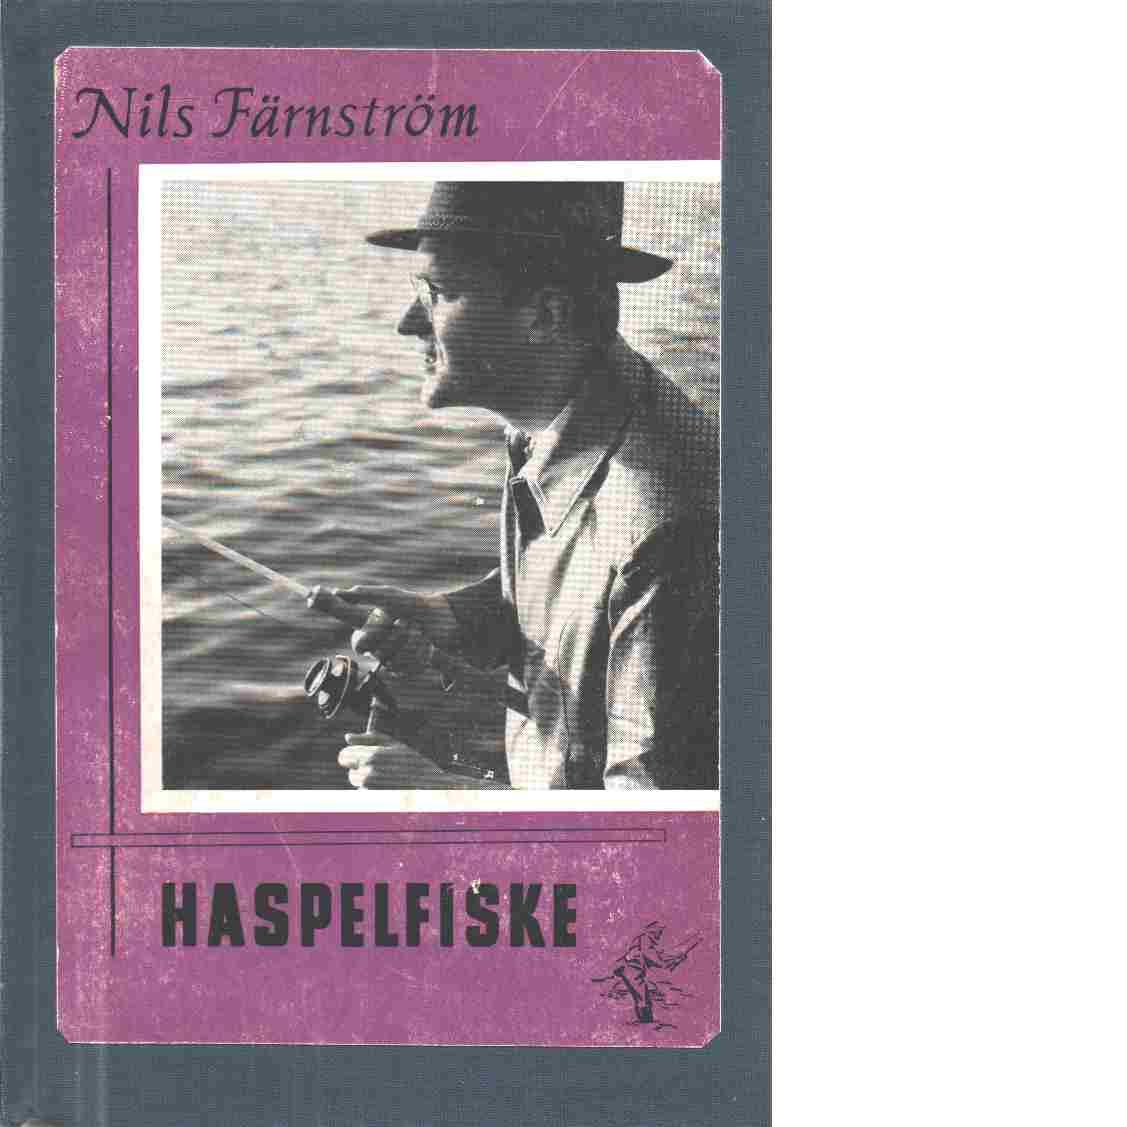 Haspelfiske - Färnström, Nils